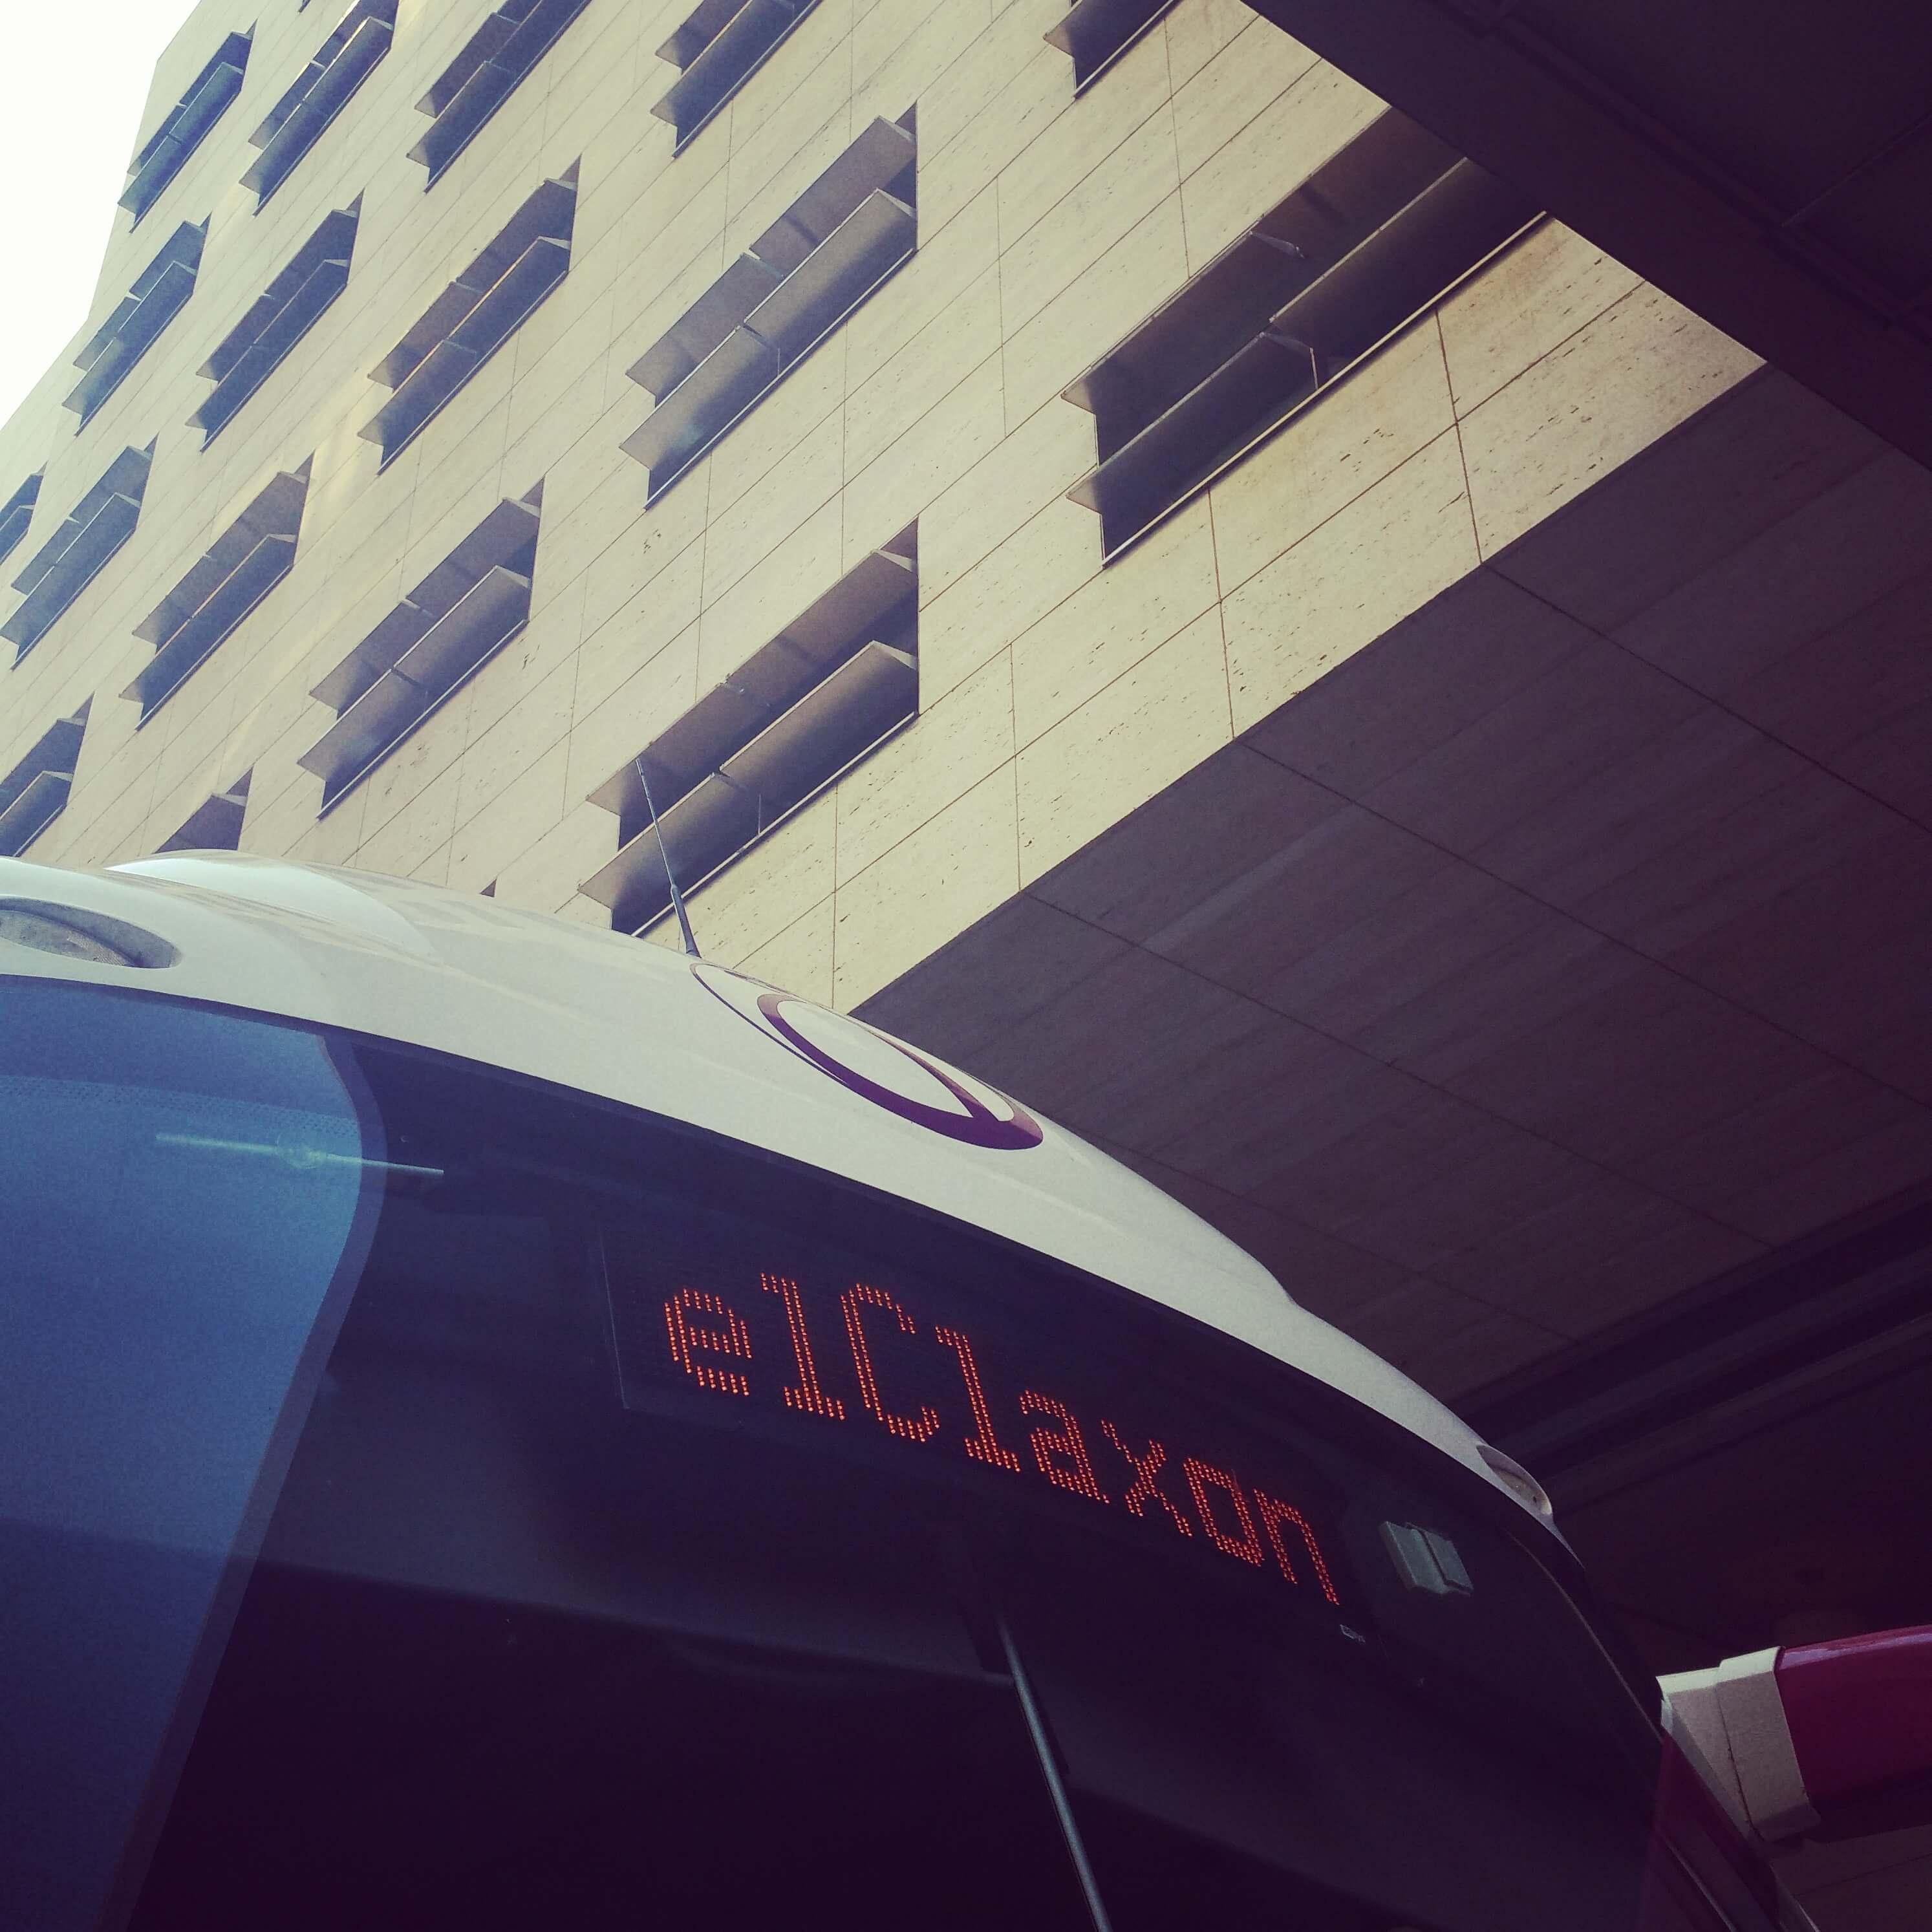 Necesito alquilar un autocar en Barcelona